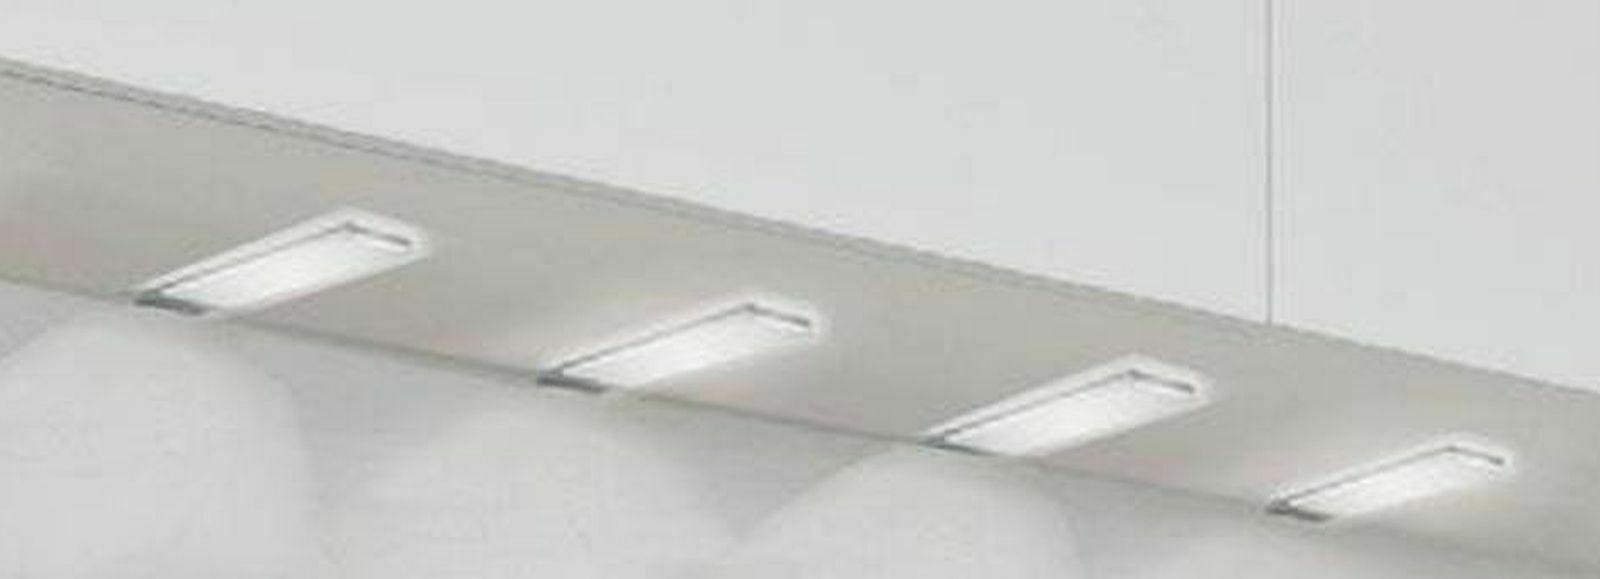 LED 4er Unterbauleuchte Küche 4x3, 4 W Unterbaulampe Küchenleuchte dimmbar  *30582